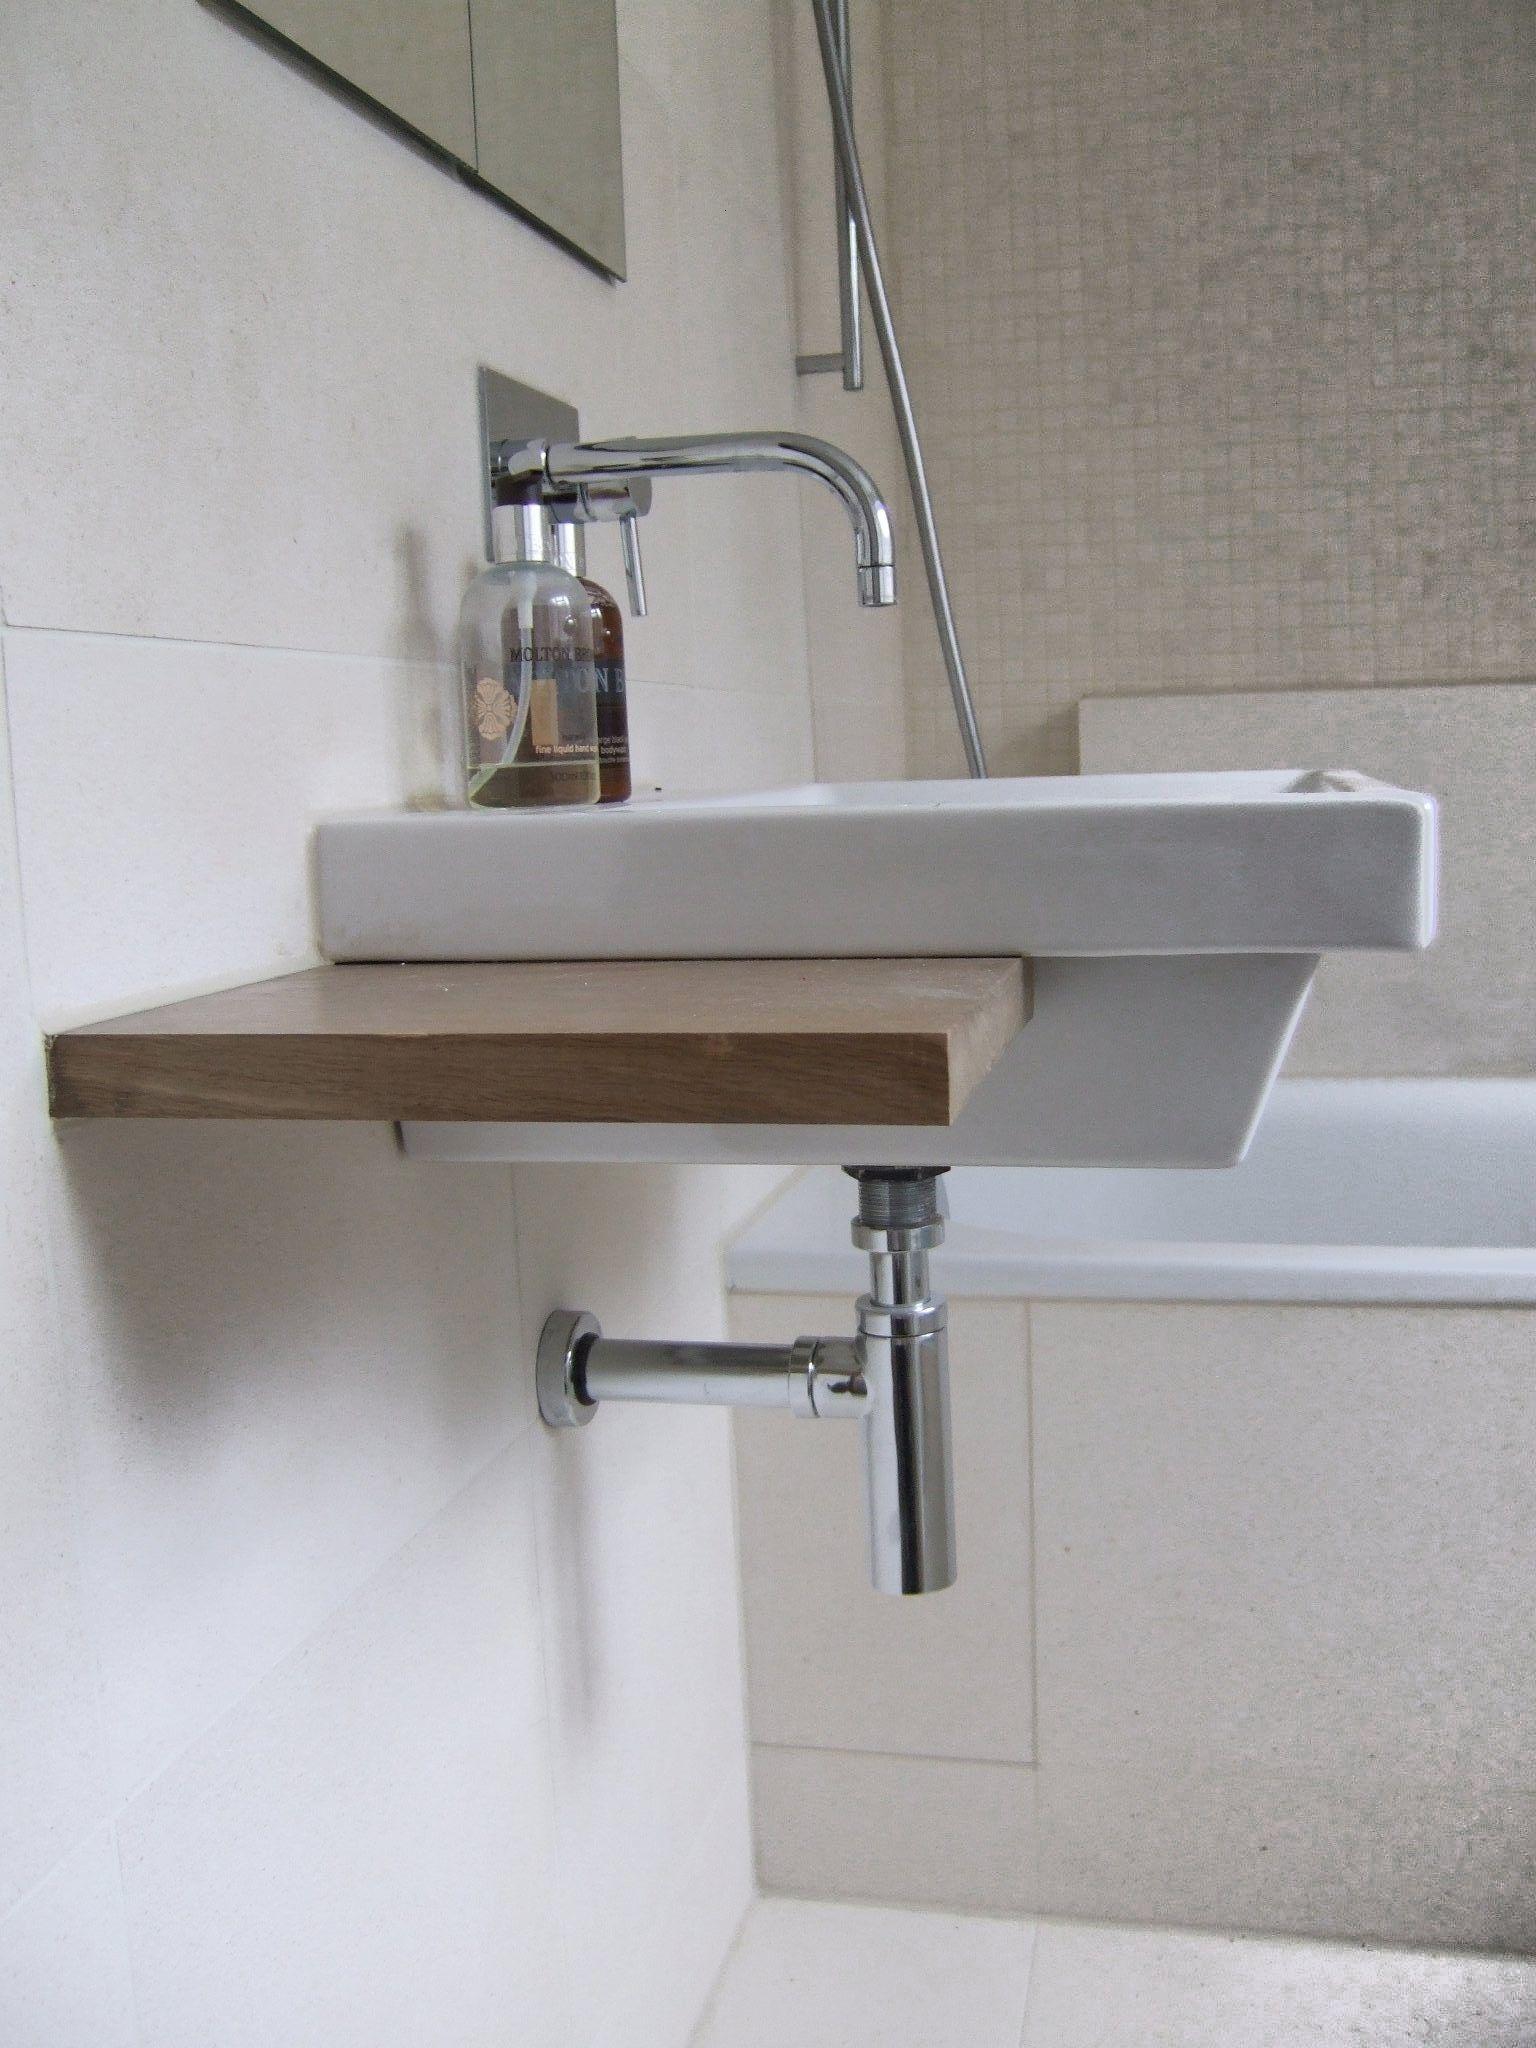 Pin On Exposed Plumbing Bathroom vanity exposed plumbing